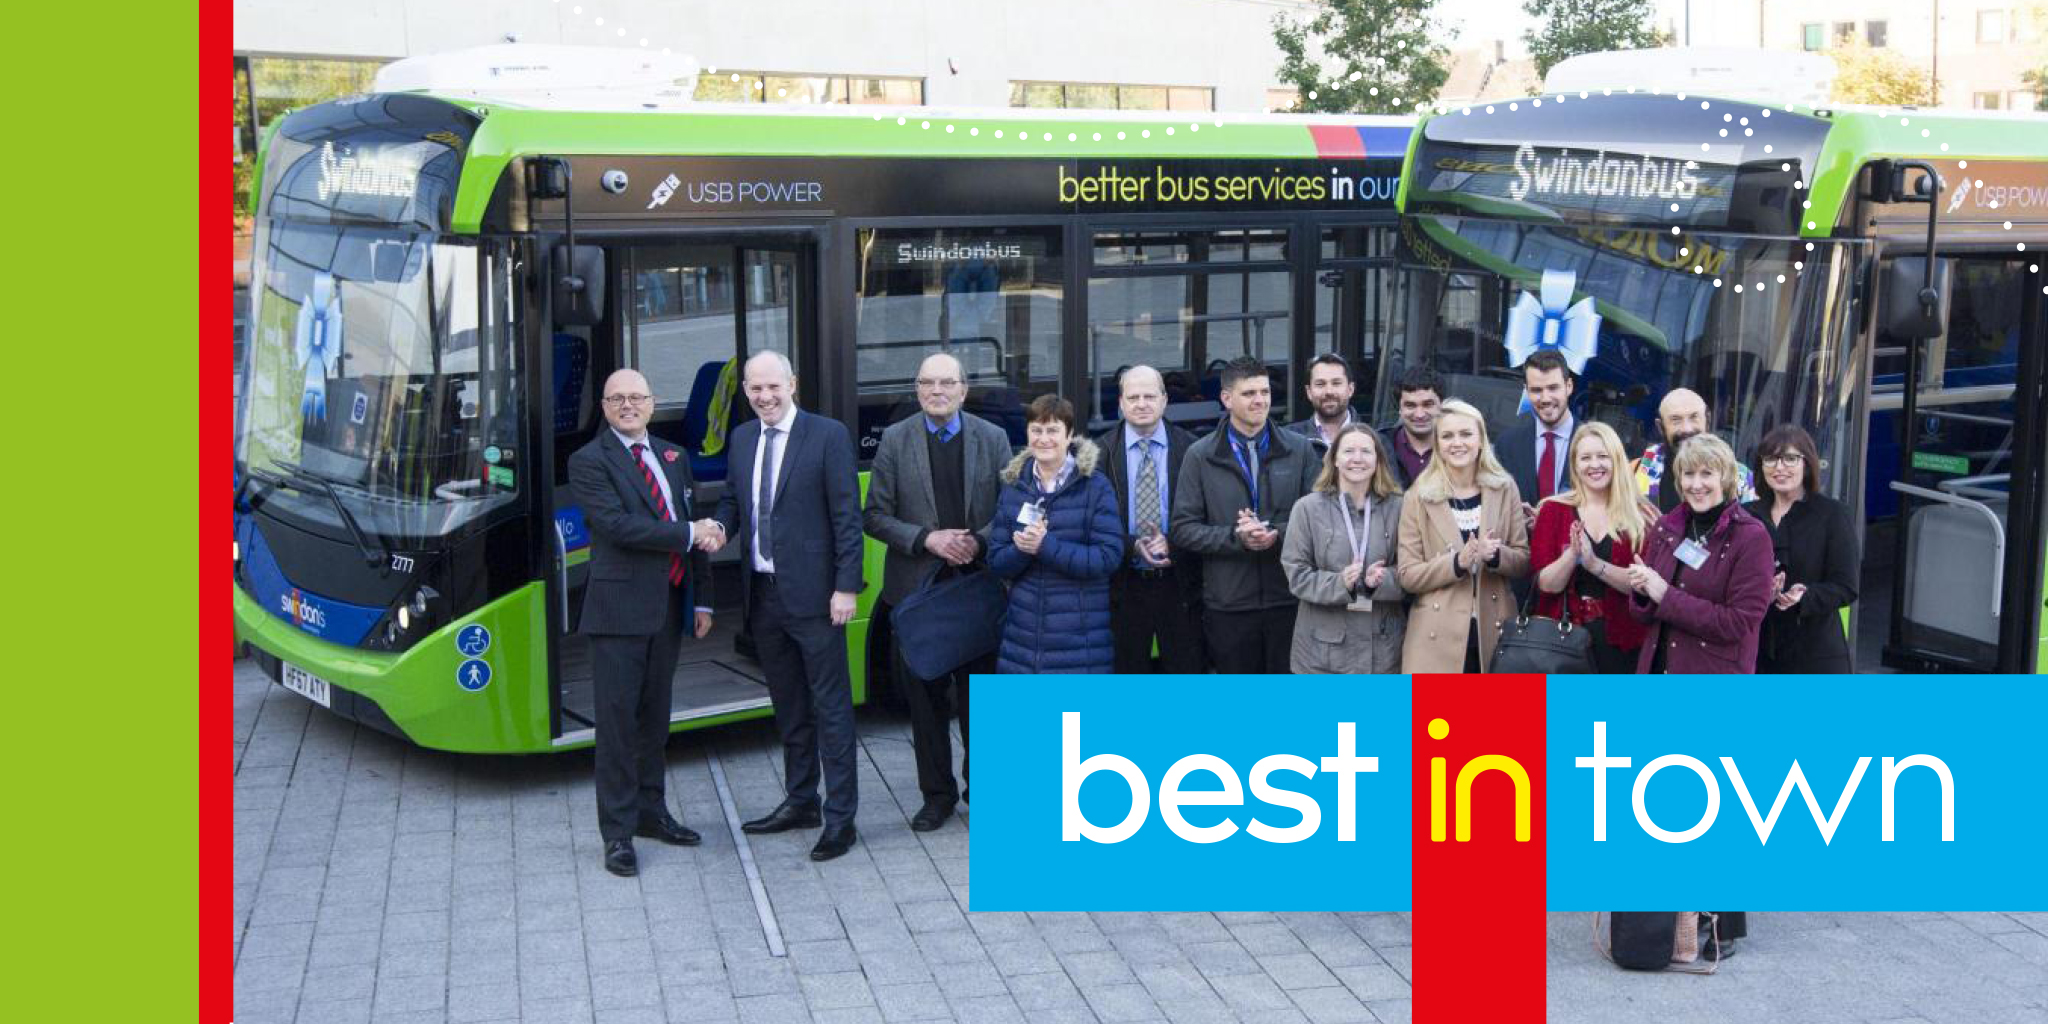 Swindon's Bus Company Best in Town